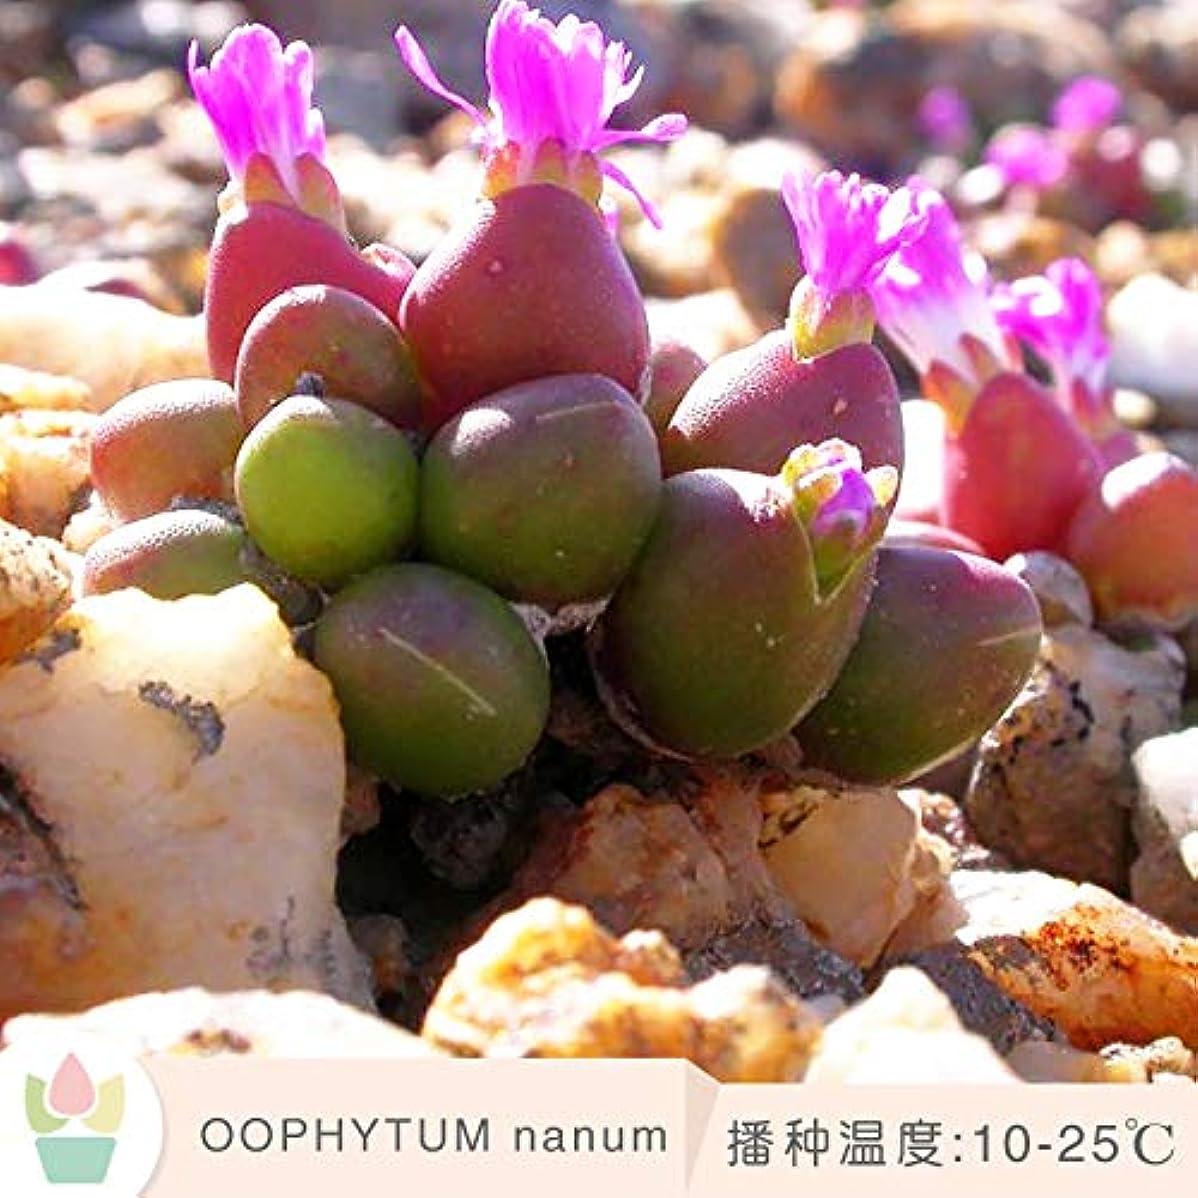 鷲不道徳動機付けるOOPHYTUM nanum クルミの種子マルチミートパンアプリコット科アフリカクルミの生石の花のコーン 20 粒